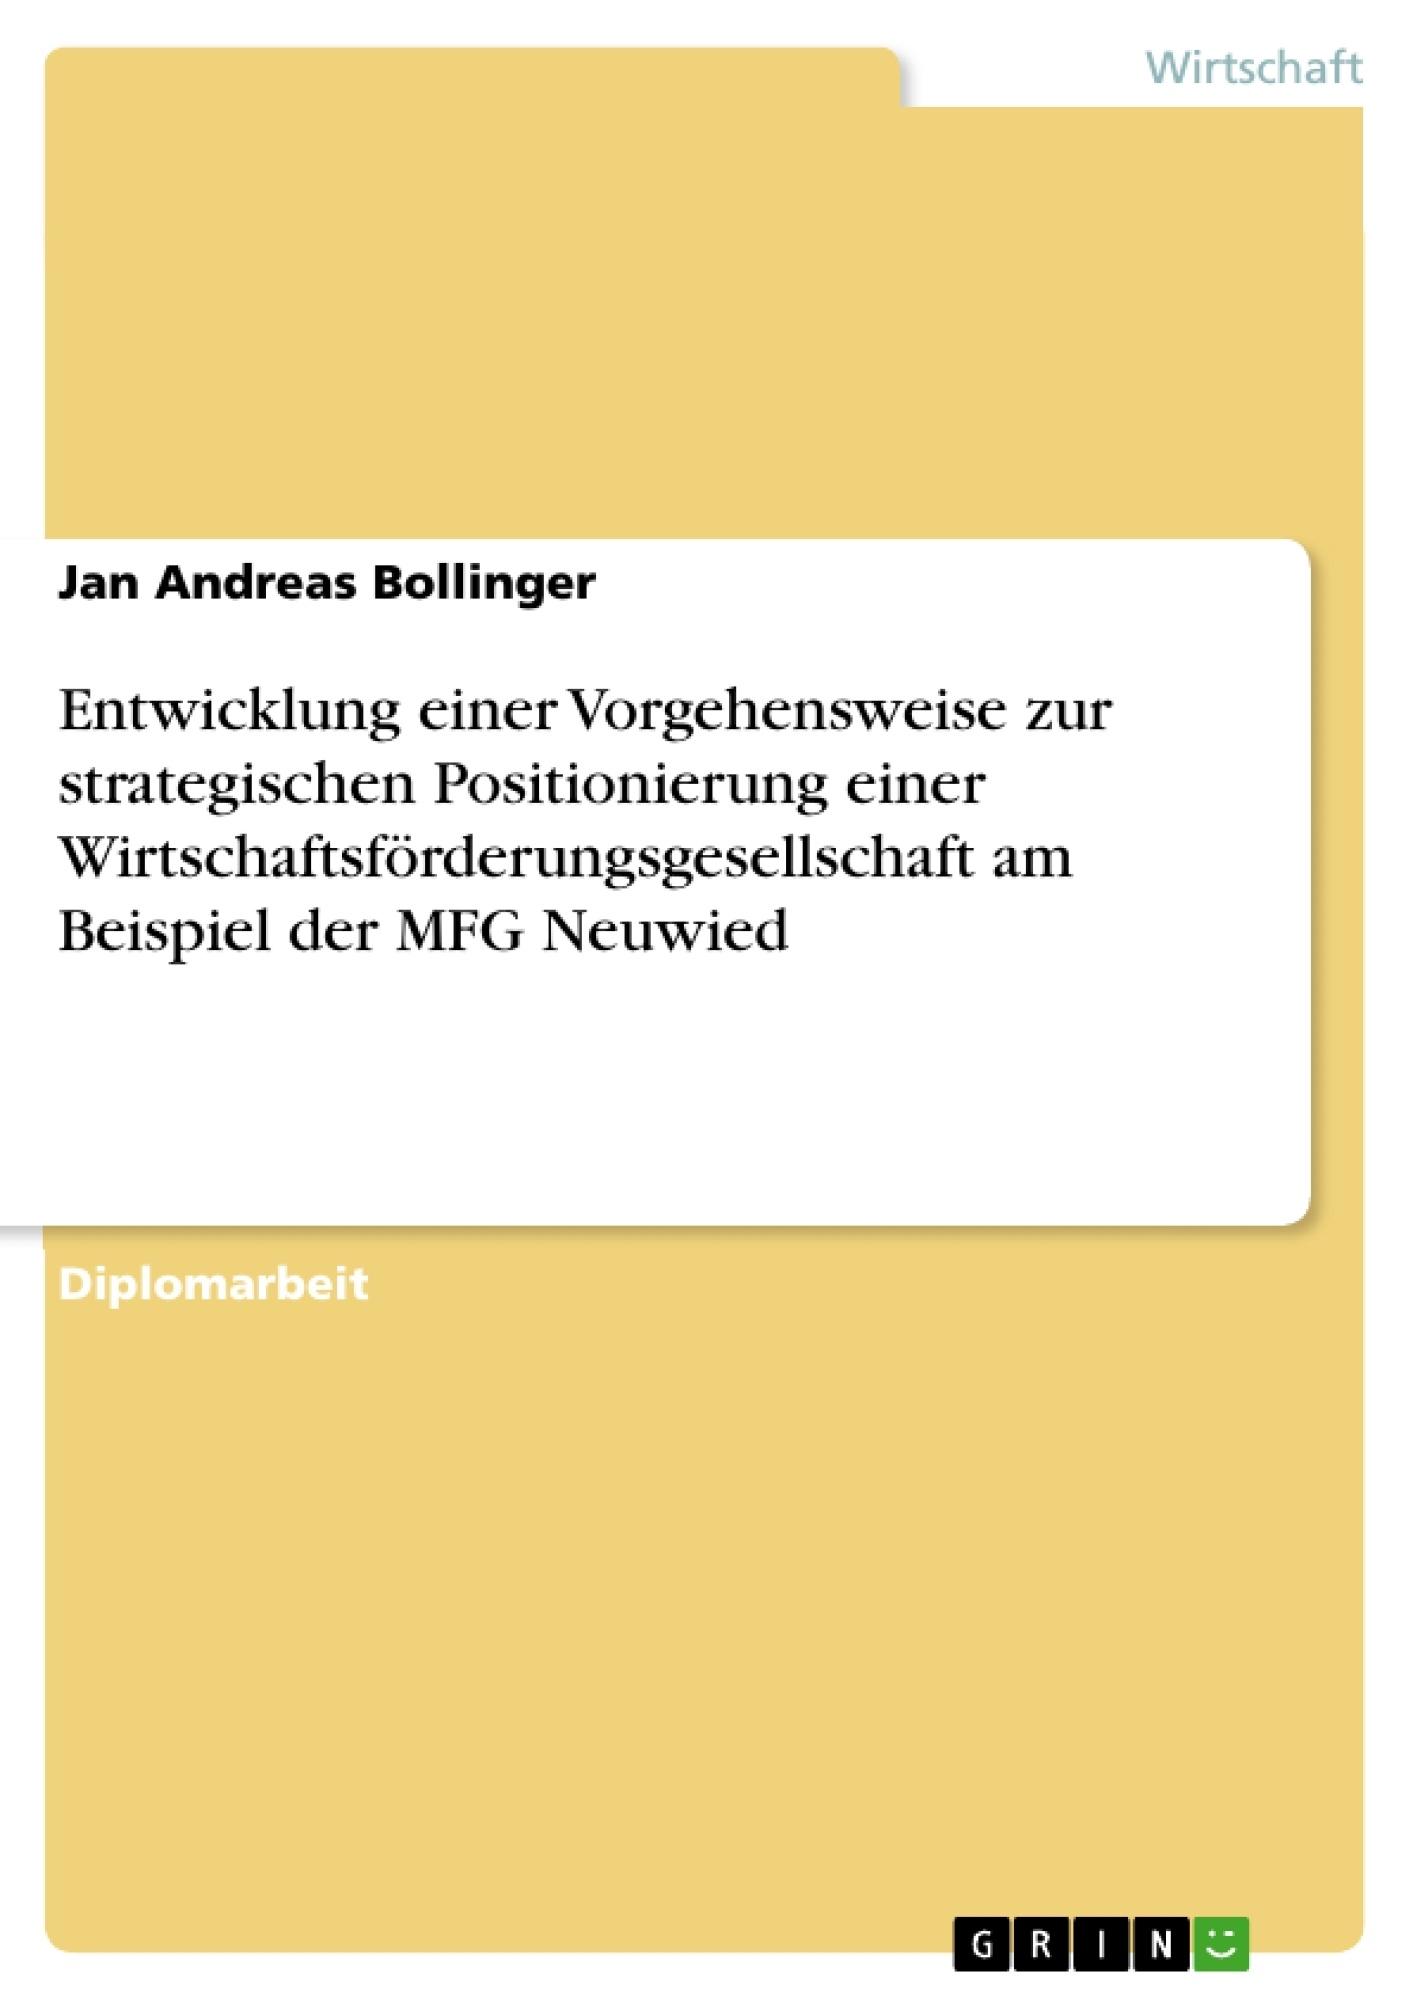 Titel: Entwicklung einer Vorgehensweise zur strategischen Positionierung einer Wirtschaftsförderungsgesellschaft am Beispiel der MFG Neuwied